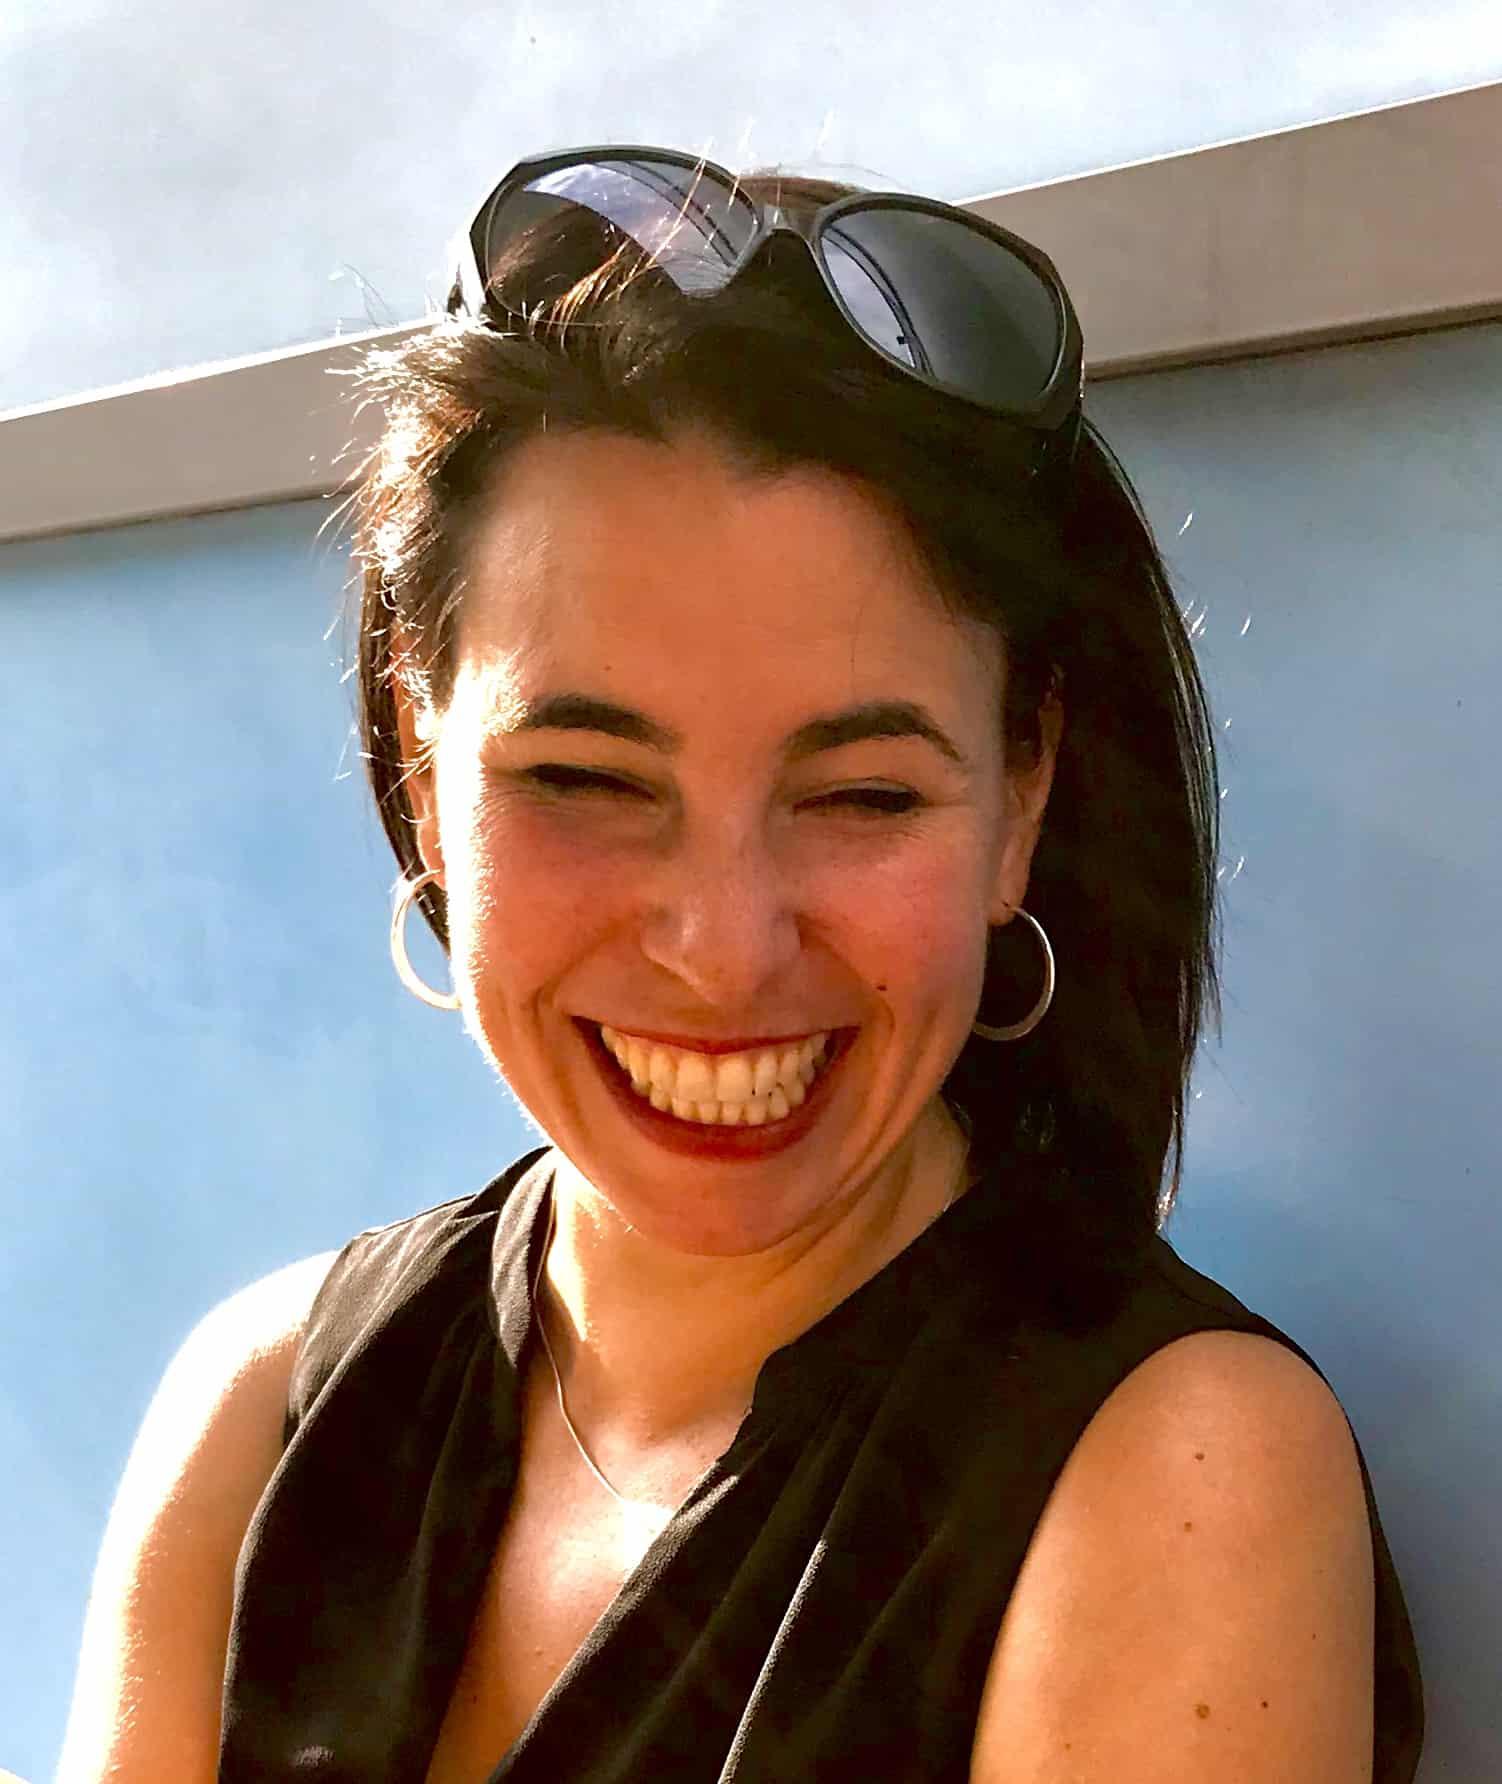 Nicole Portrait vor blauer Wand